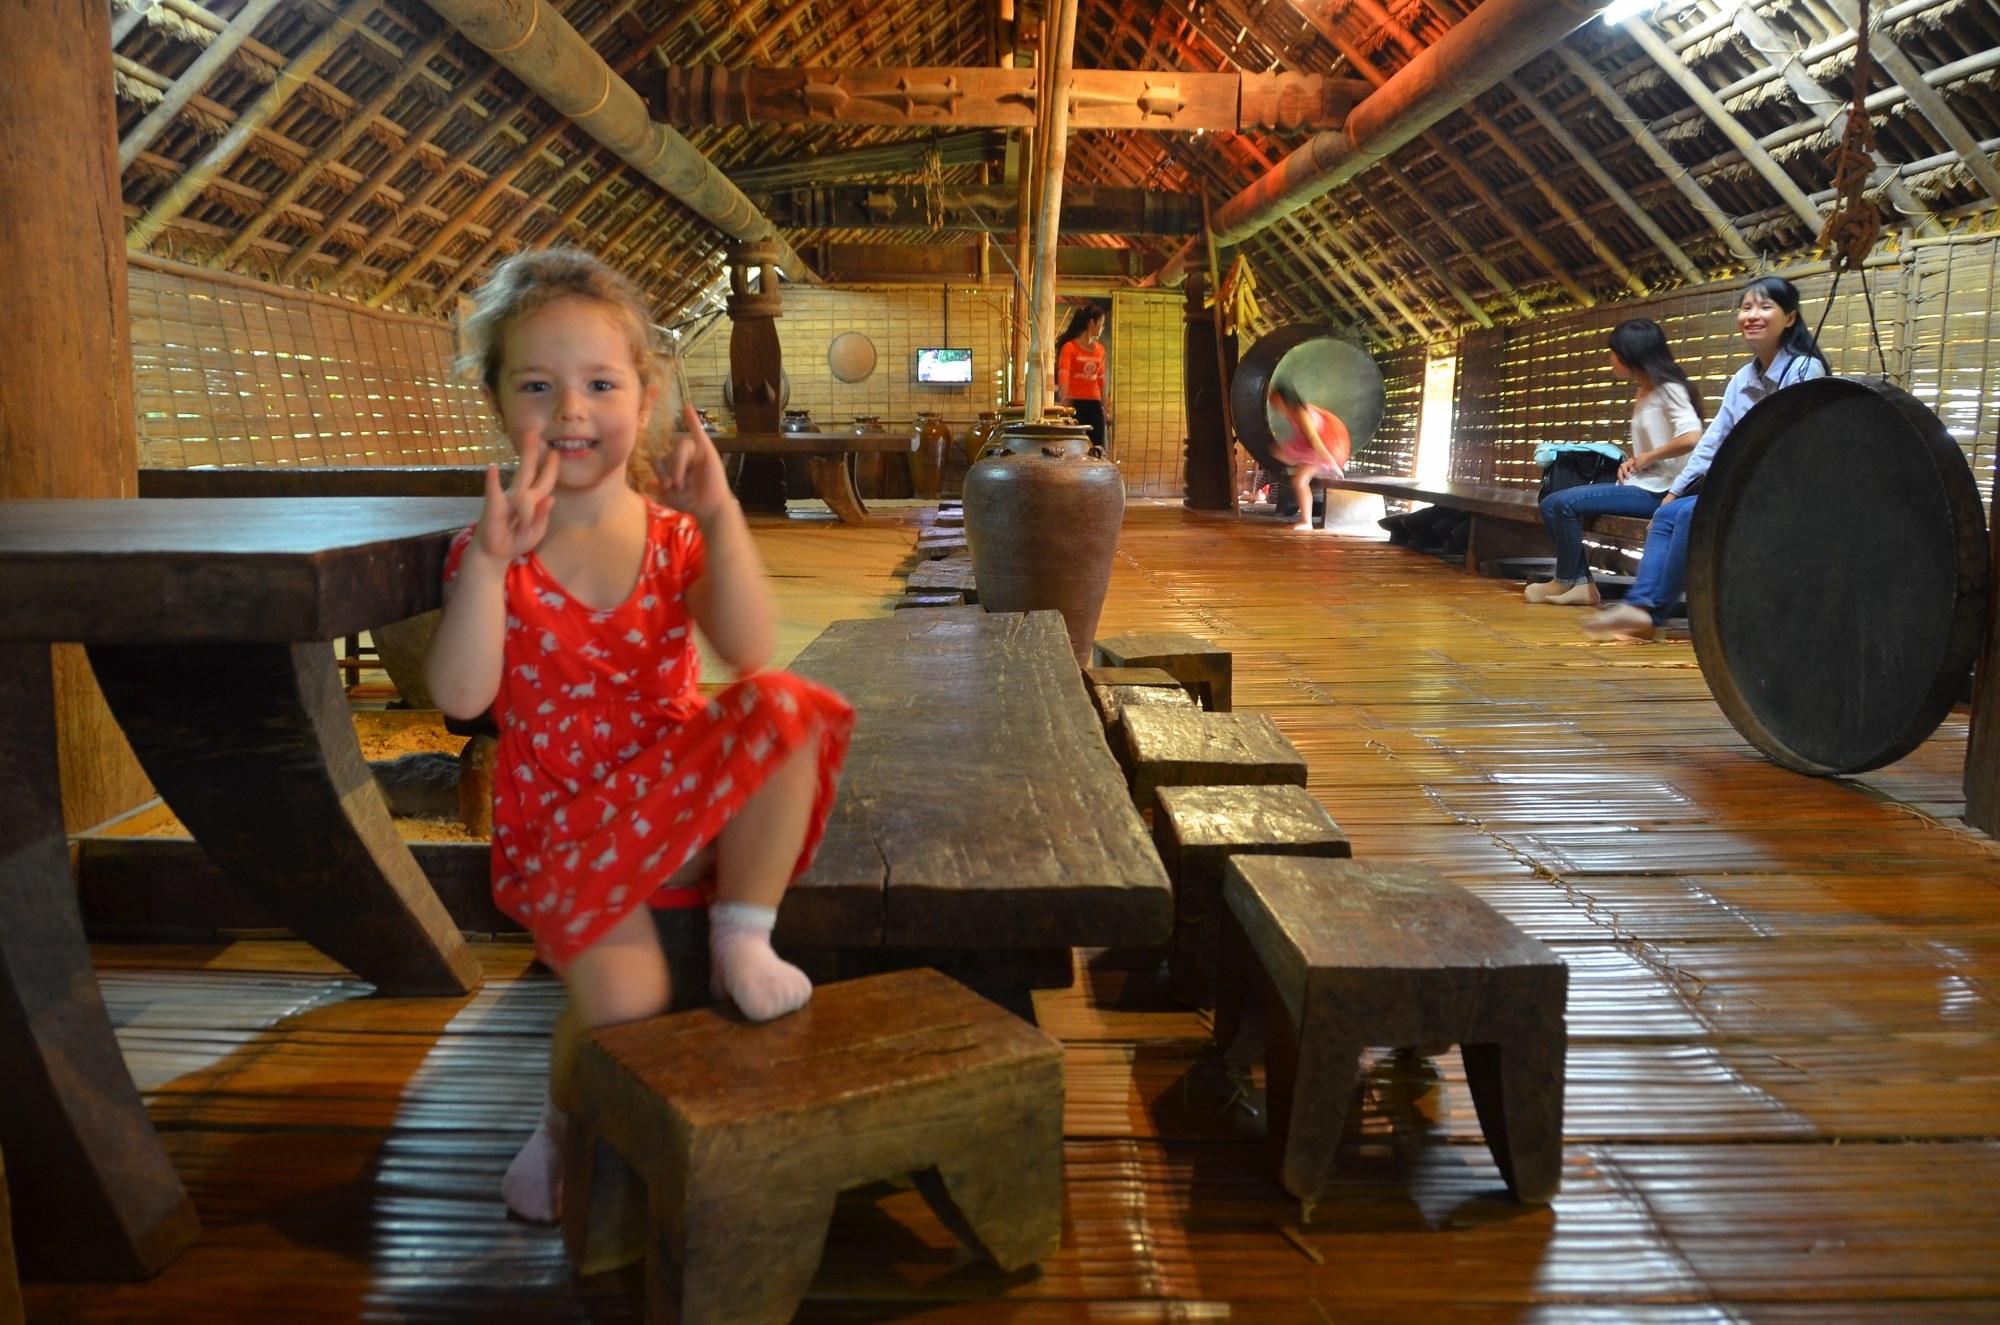 casa madeira palha etnia ede museu etnografia etnologia hanoi vietnam